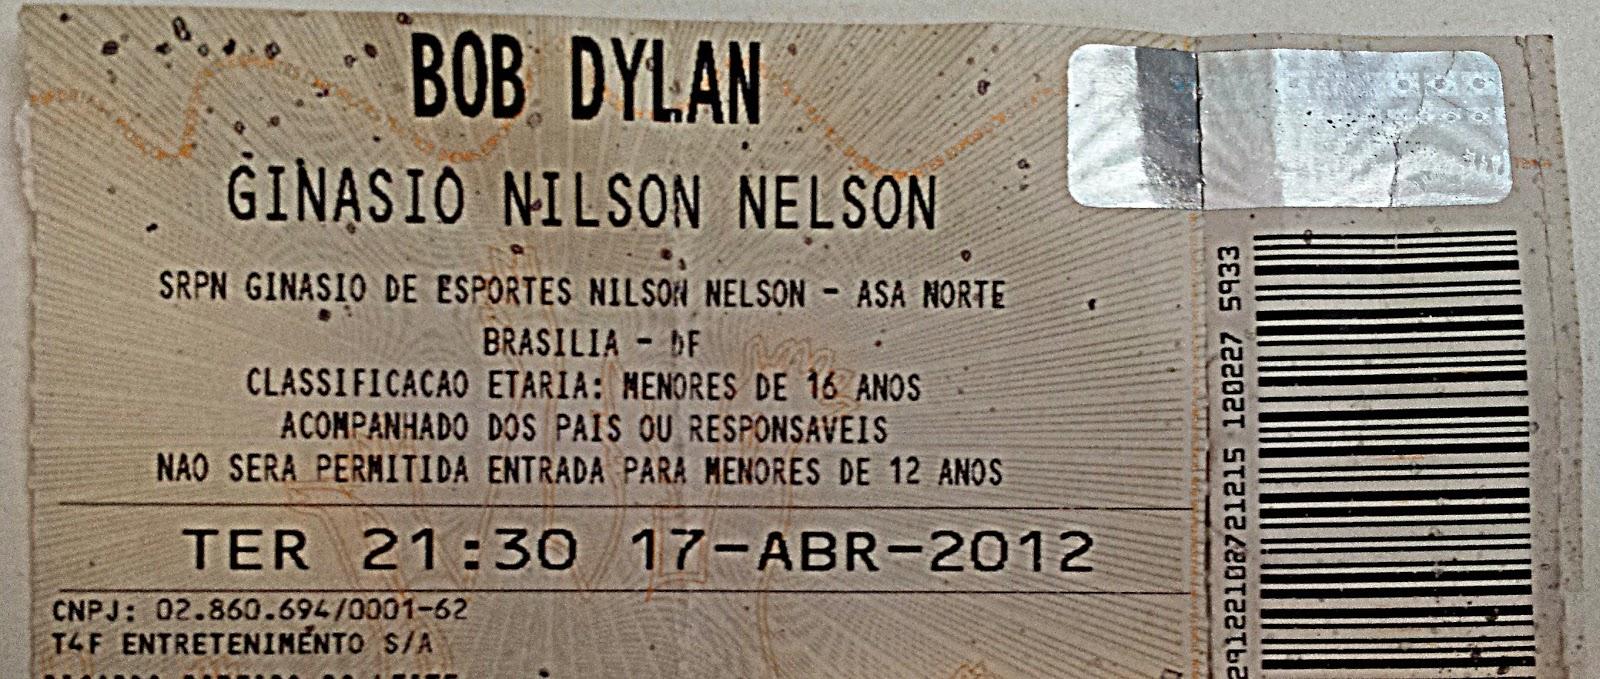 Ingresso para o show de Bob Dylan no Brasil